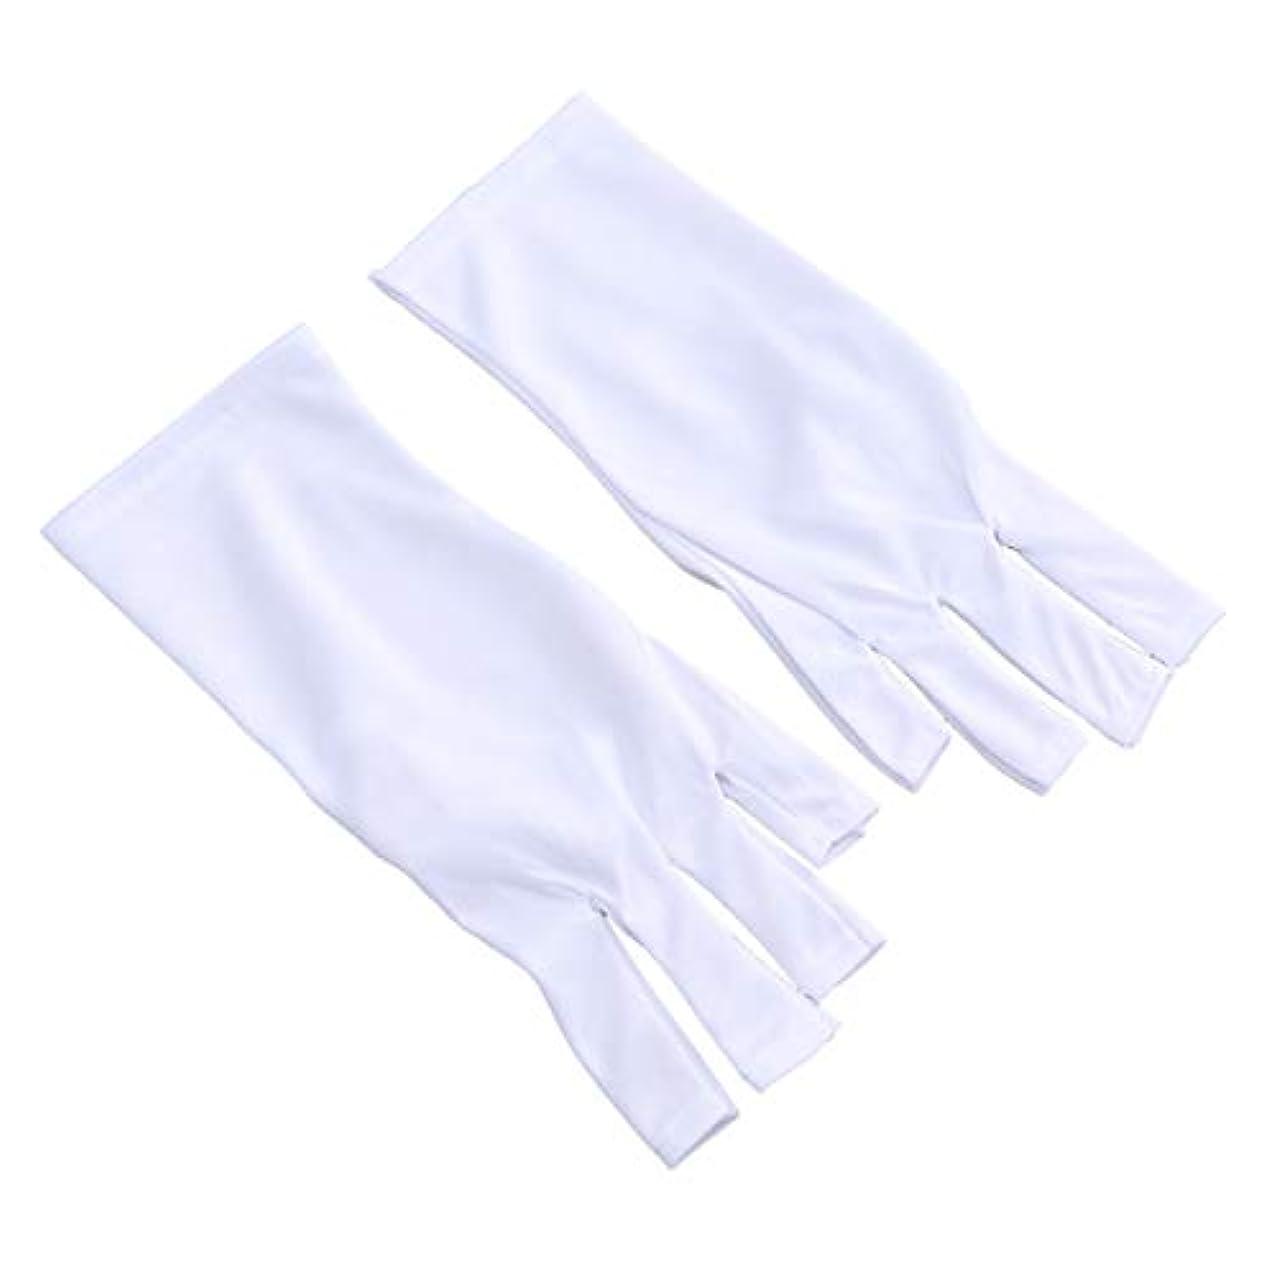 指定する送ったズボンFrcolor 抗uv手袋 ネイル 手袋 ネイルアート グローブ ジェルネイル用 紫外線防止 マニキュアドライヤーツール 2ペア(25cm ショートホワイトUVグローブ)